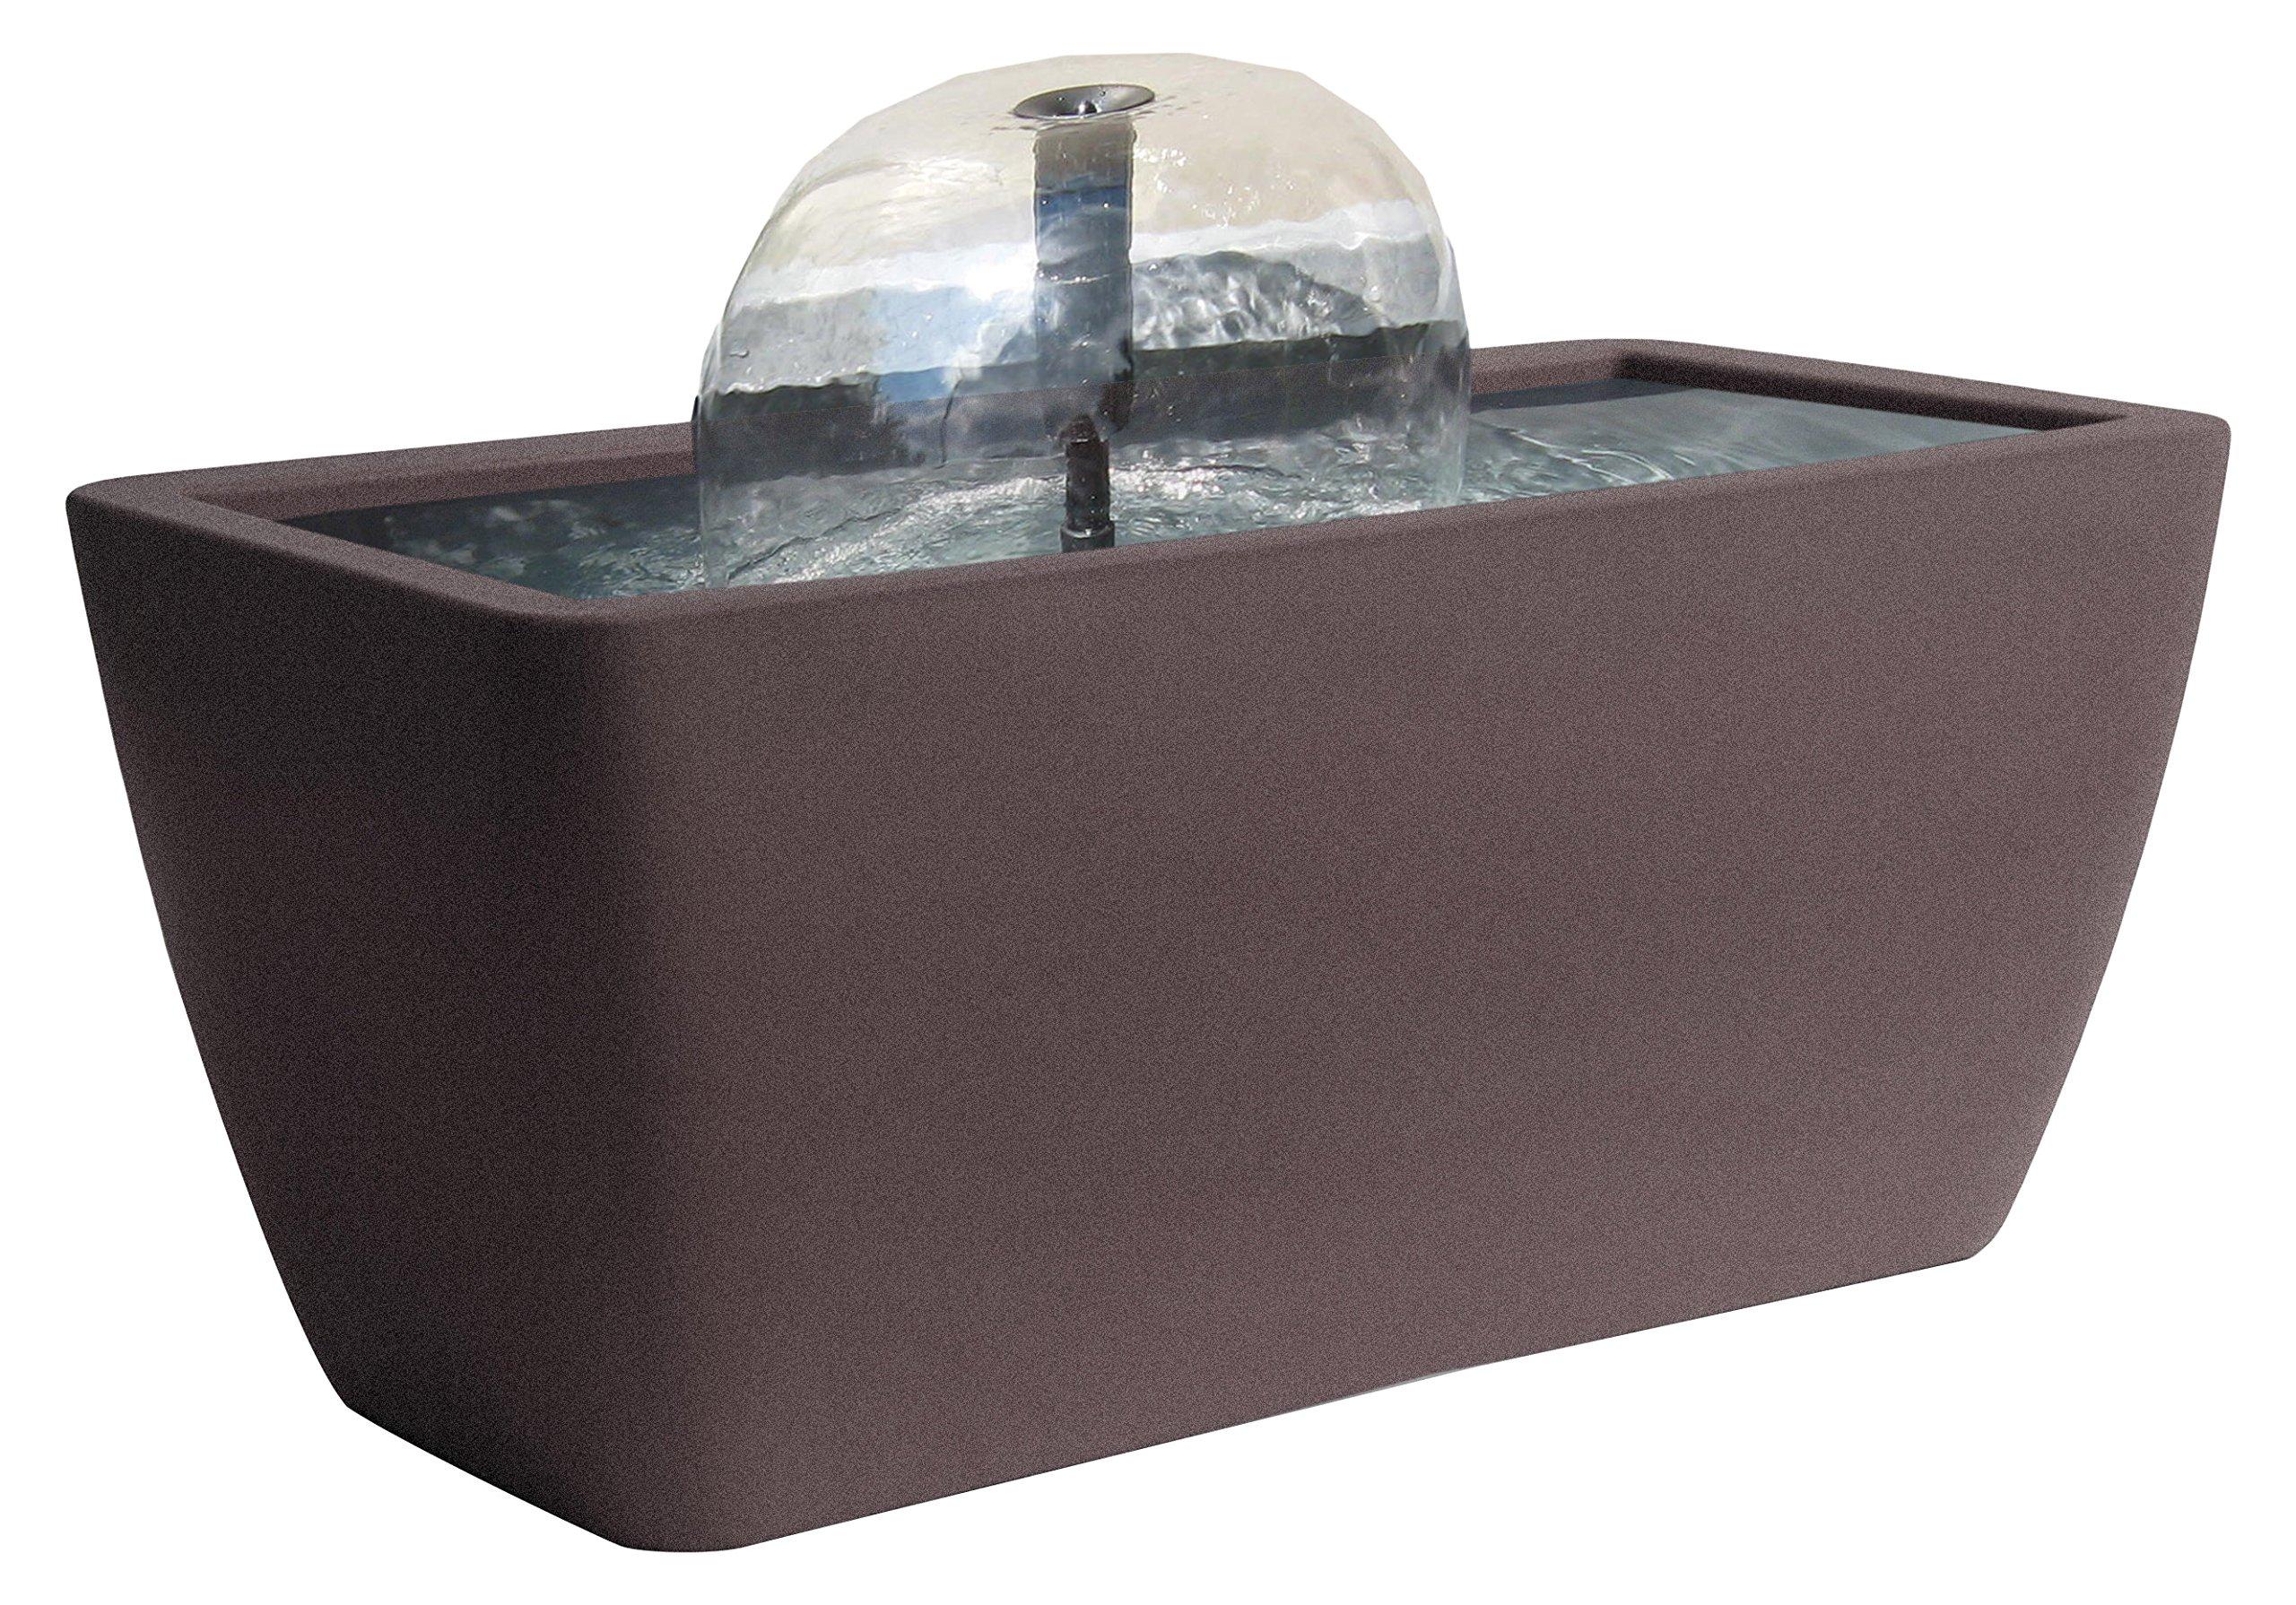 Algreen 35311 Manhattan Pond Kit Fountain, Brownstone